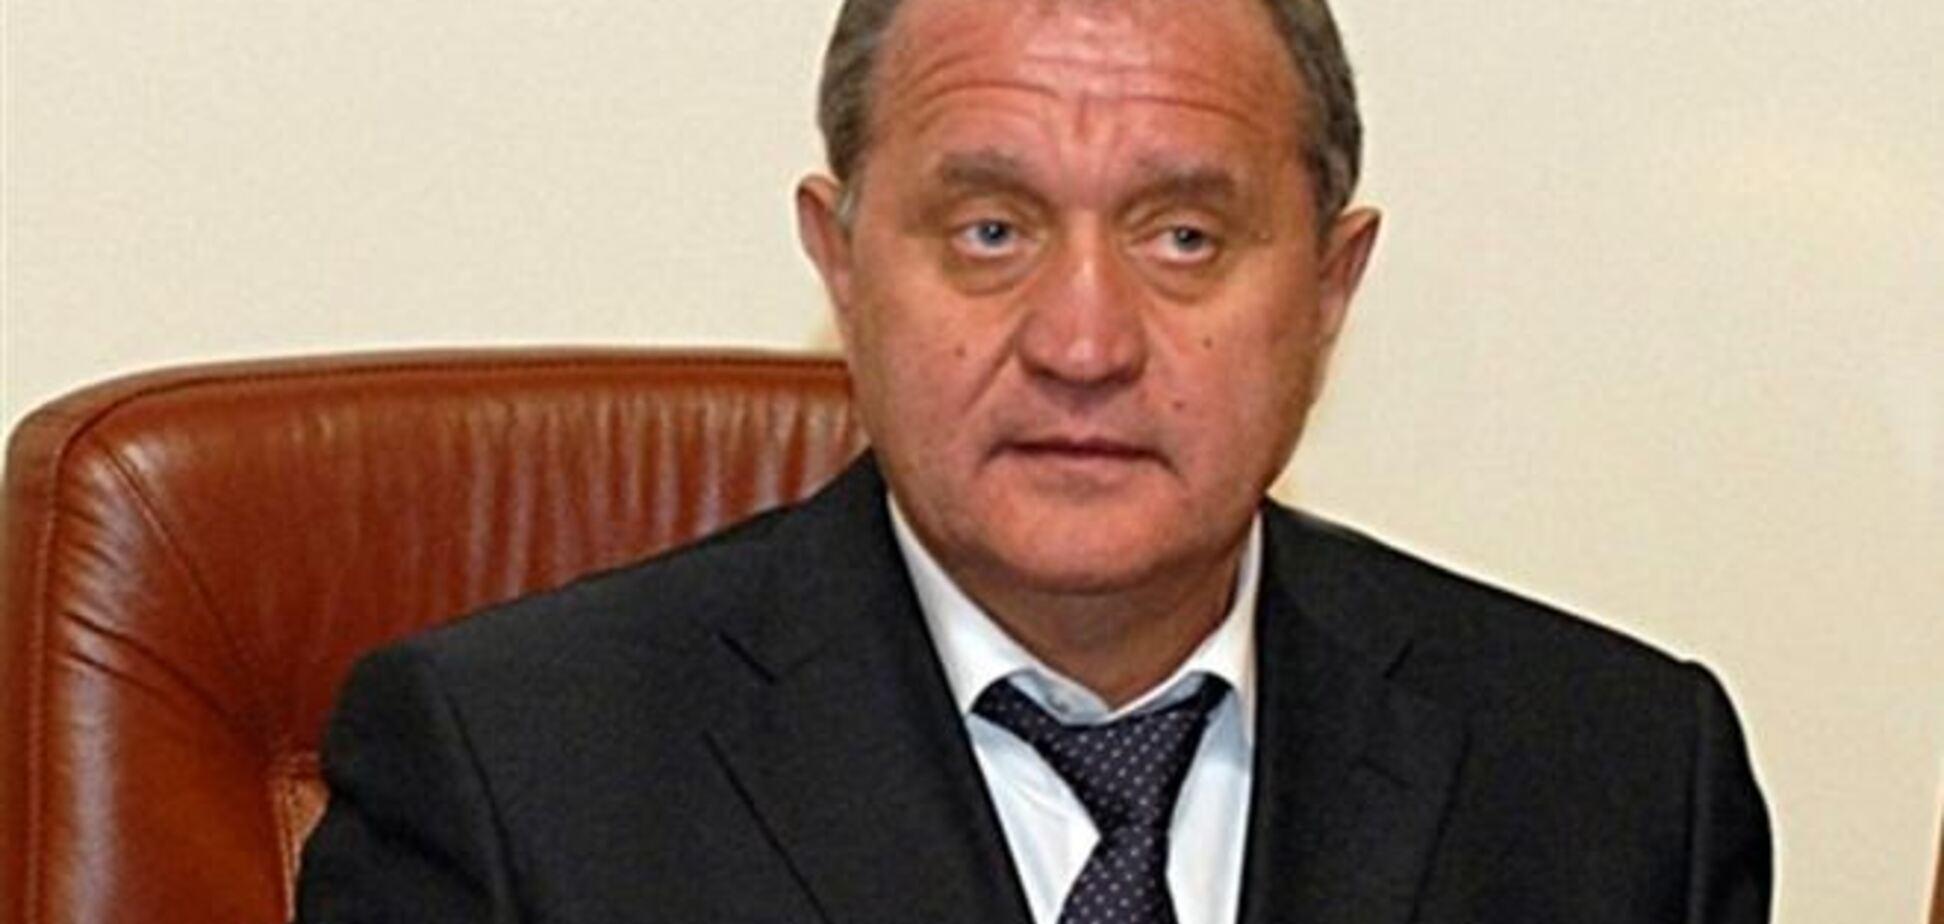 Могилев заявил, что не отправлял крымский 'Беркут' на разгон Евромайдана